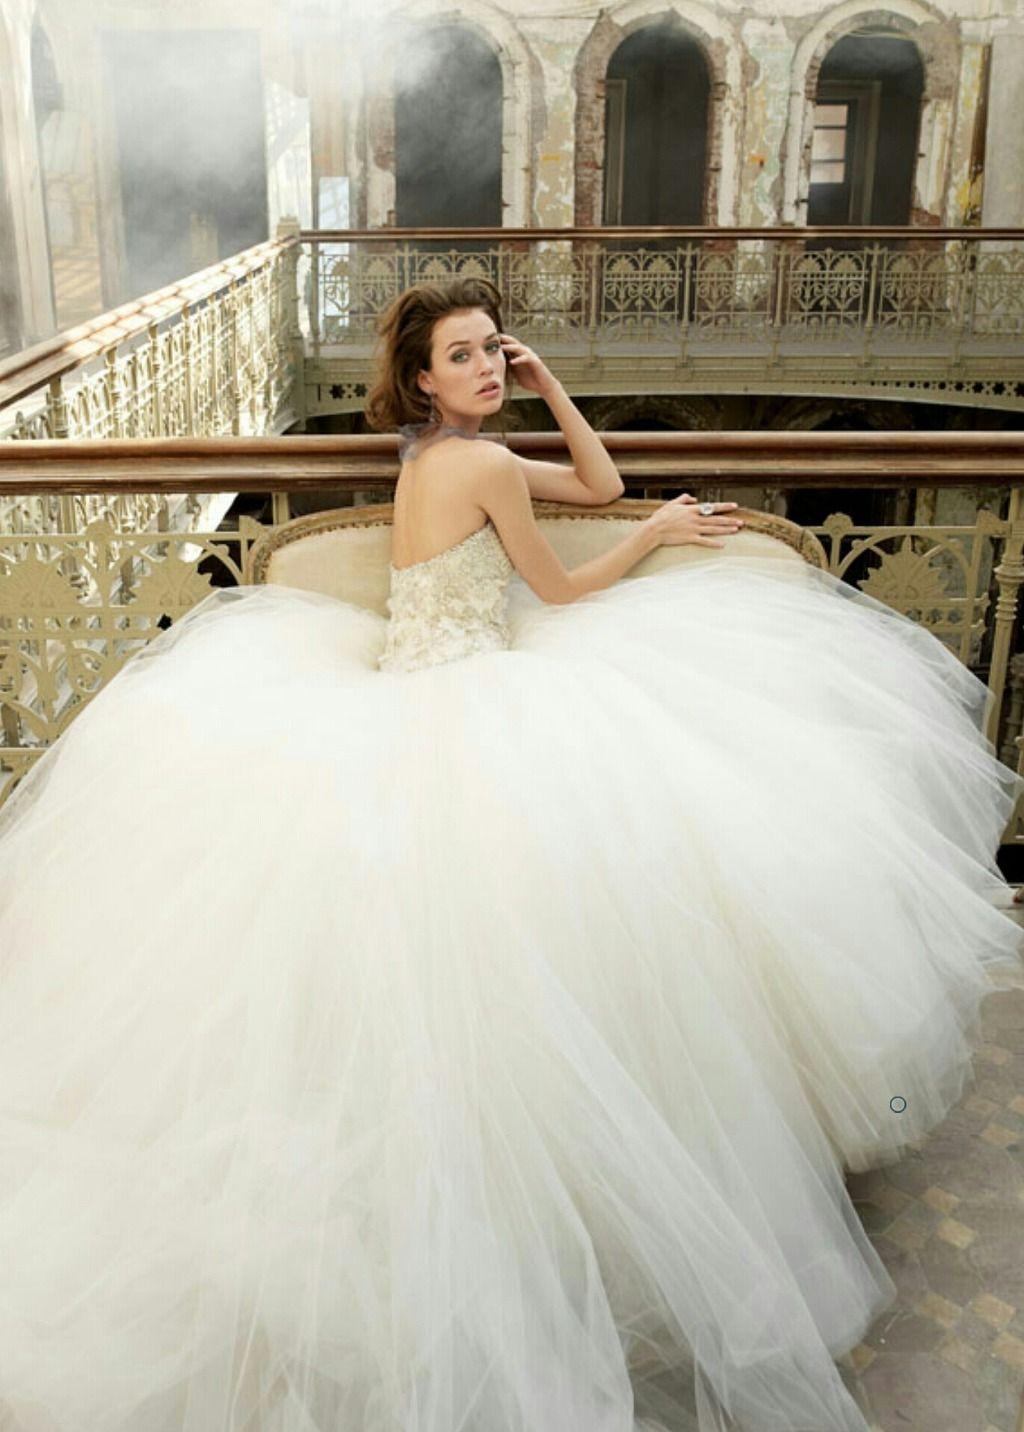 Huge Ball Gown Wedding Dresses | Wedding dresses | Pinterest | Ball ...